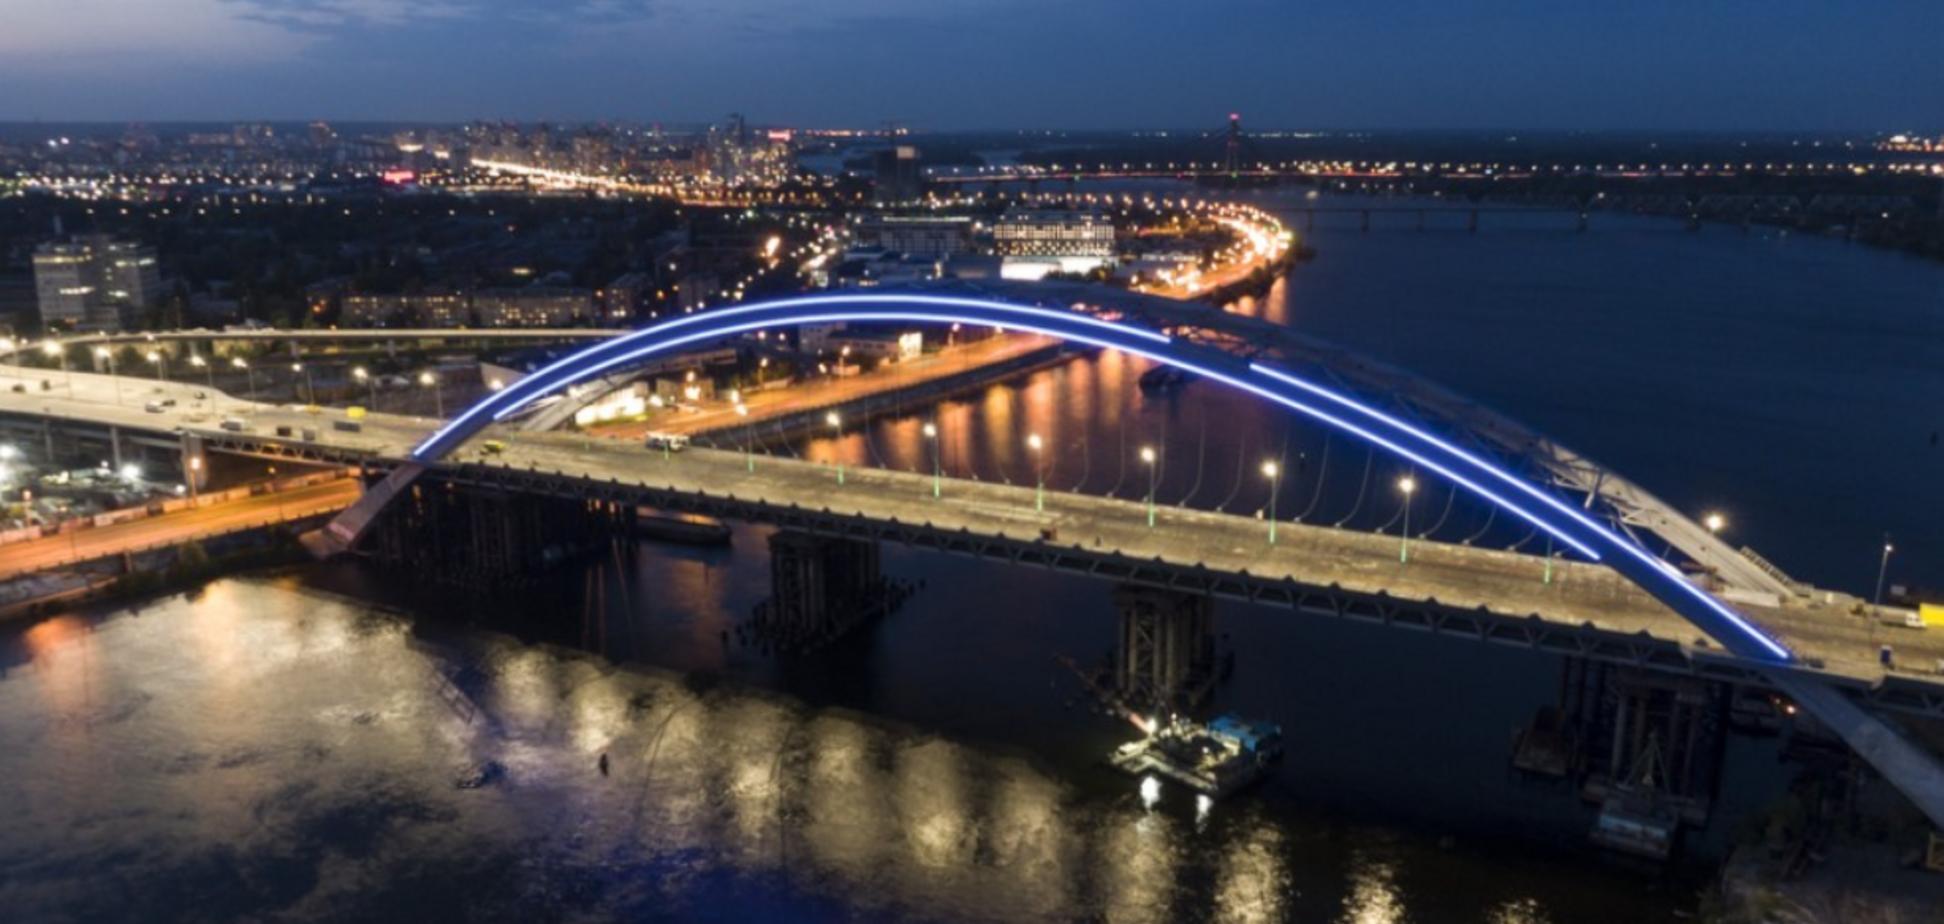 Кличко 'зажег' Подольско-Воскресенский мостовой переход. Фото и видео